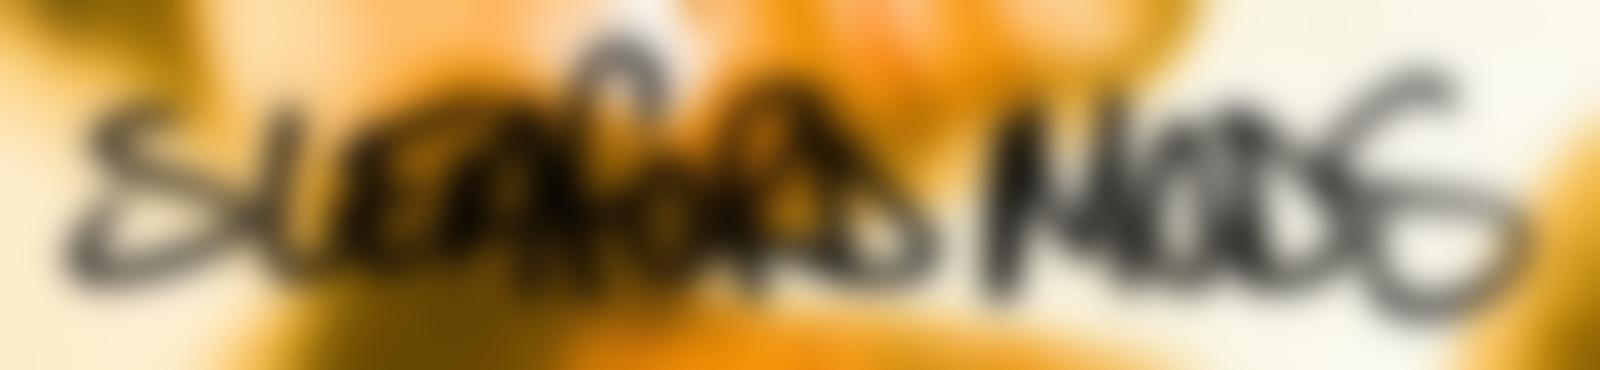 Blurred 15d97fc1 713d 4c13 894d 45647a998178